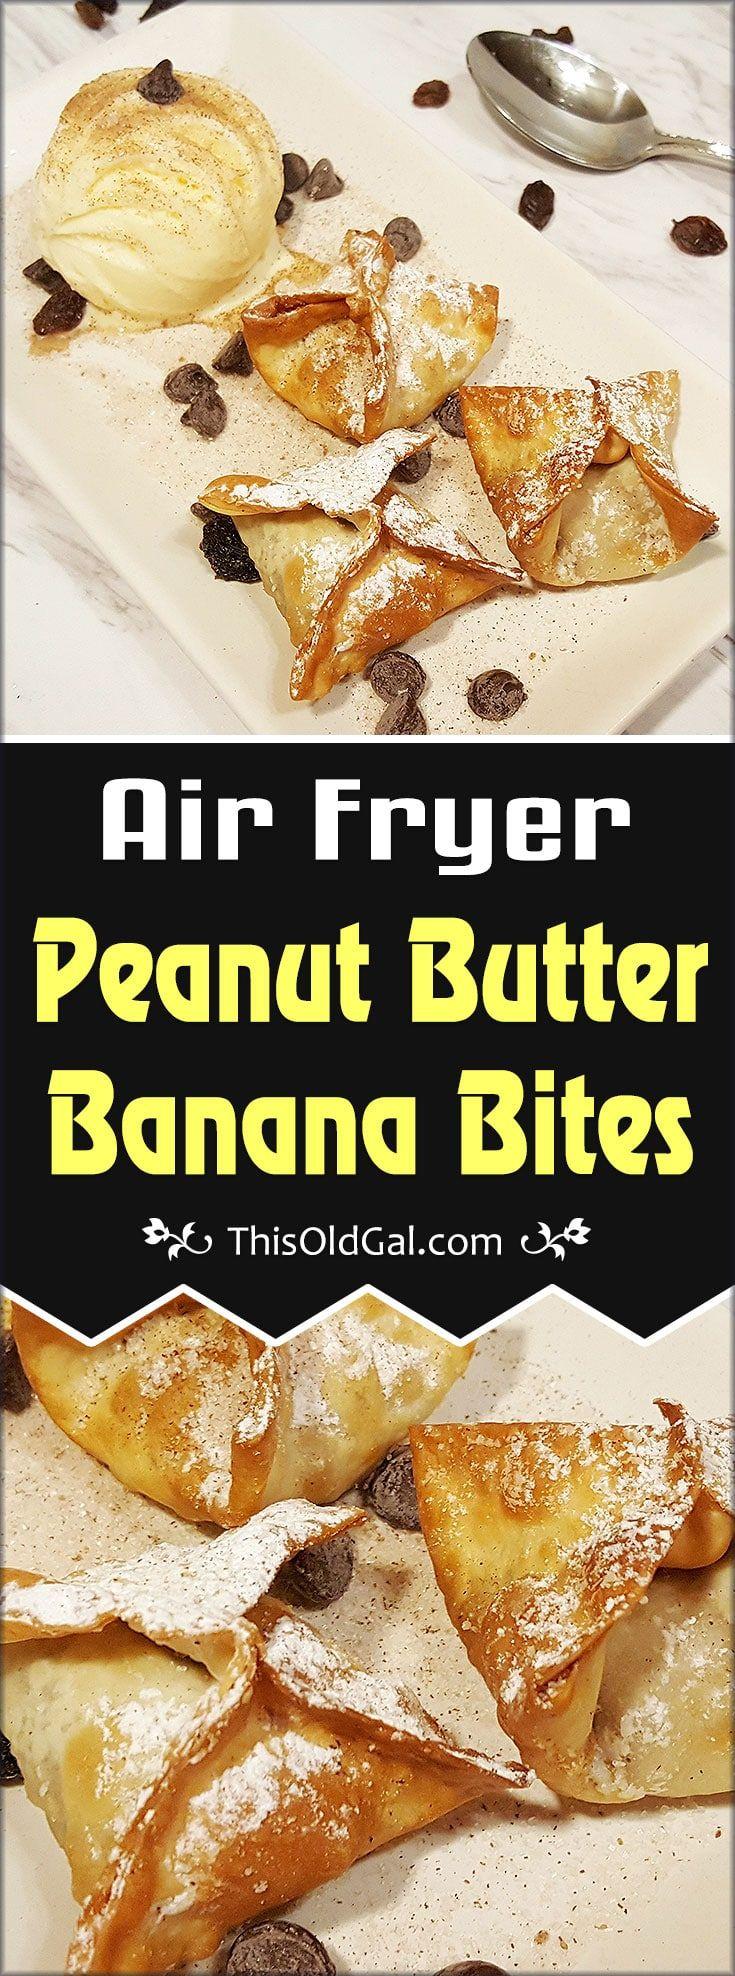 Air Fryer Peanut Butter Banana Dessert Bites via